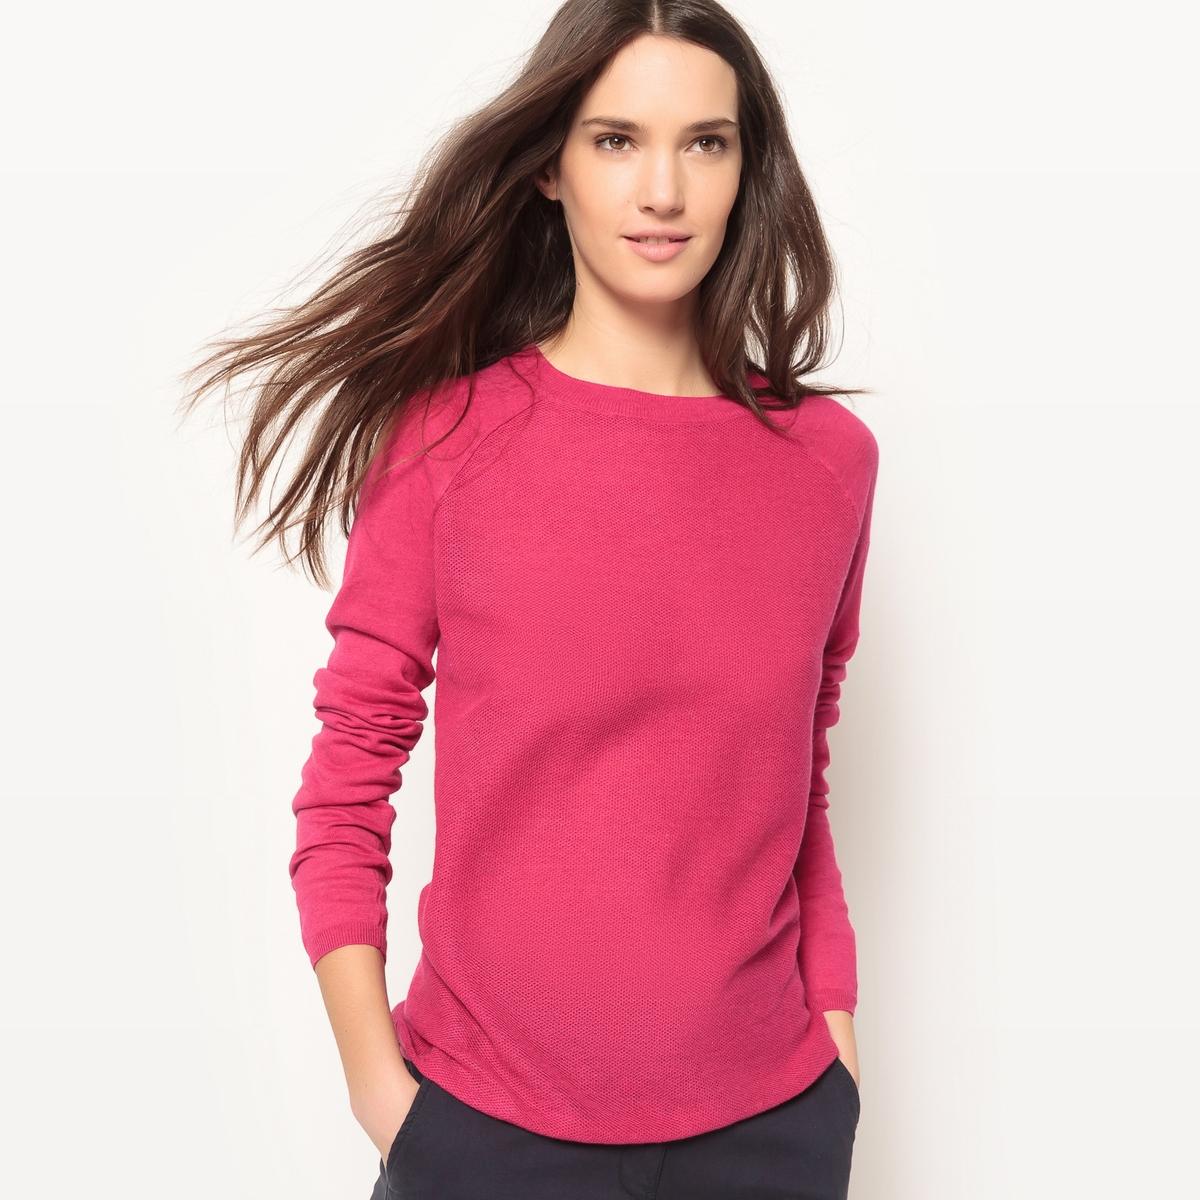 Пуловер с круглым вырезом из хлопка и льна  пуловер с круглым вырезом из хлопка и льна